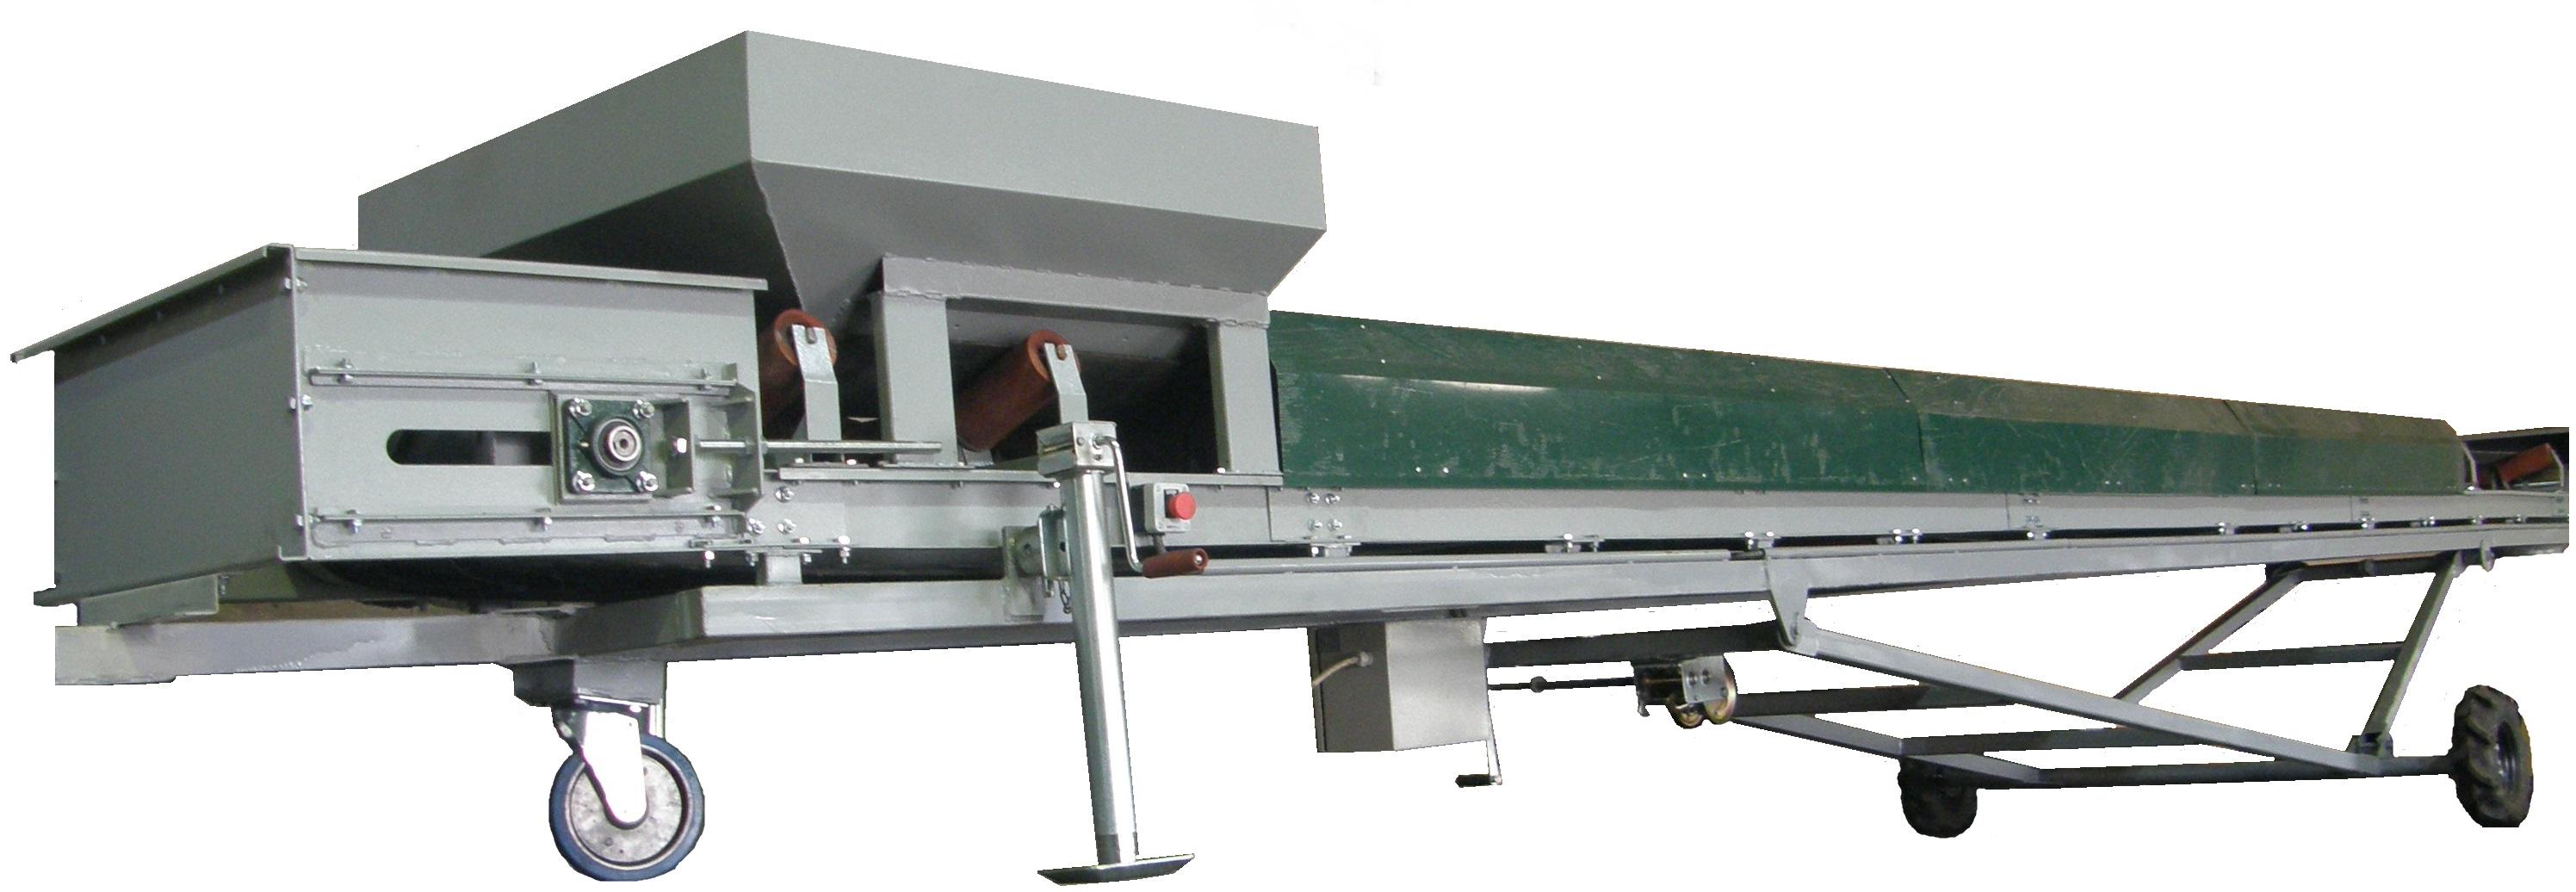 Передвижные зерновые транспортеры чертежи барабанов конвейеров